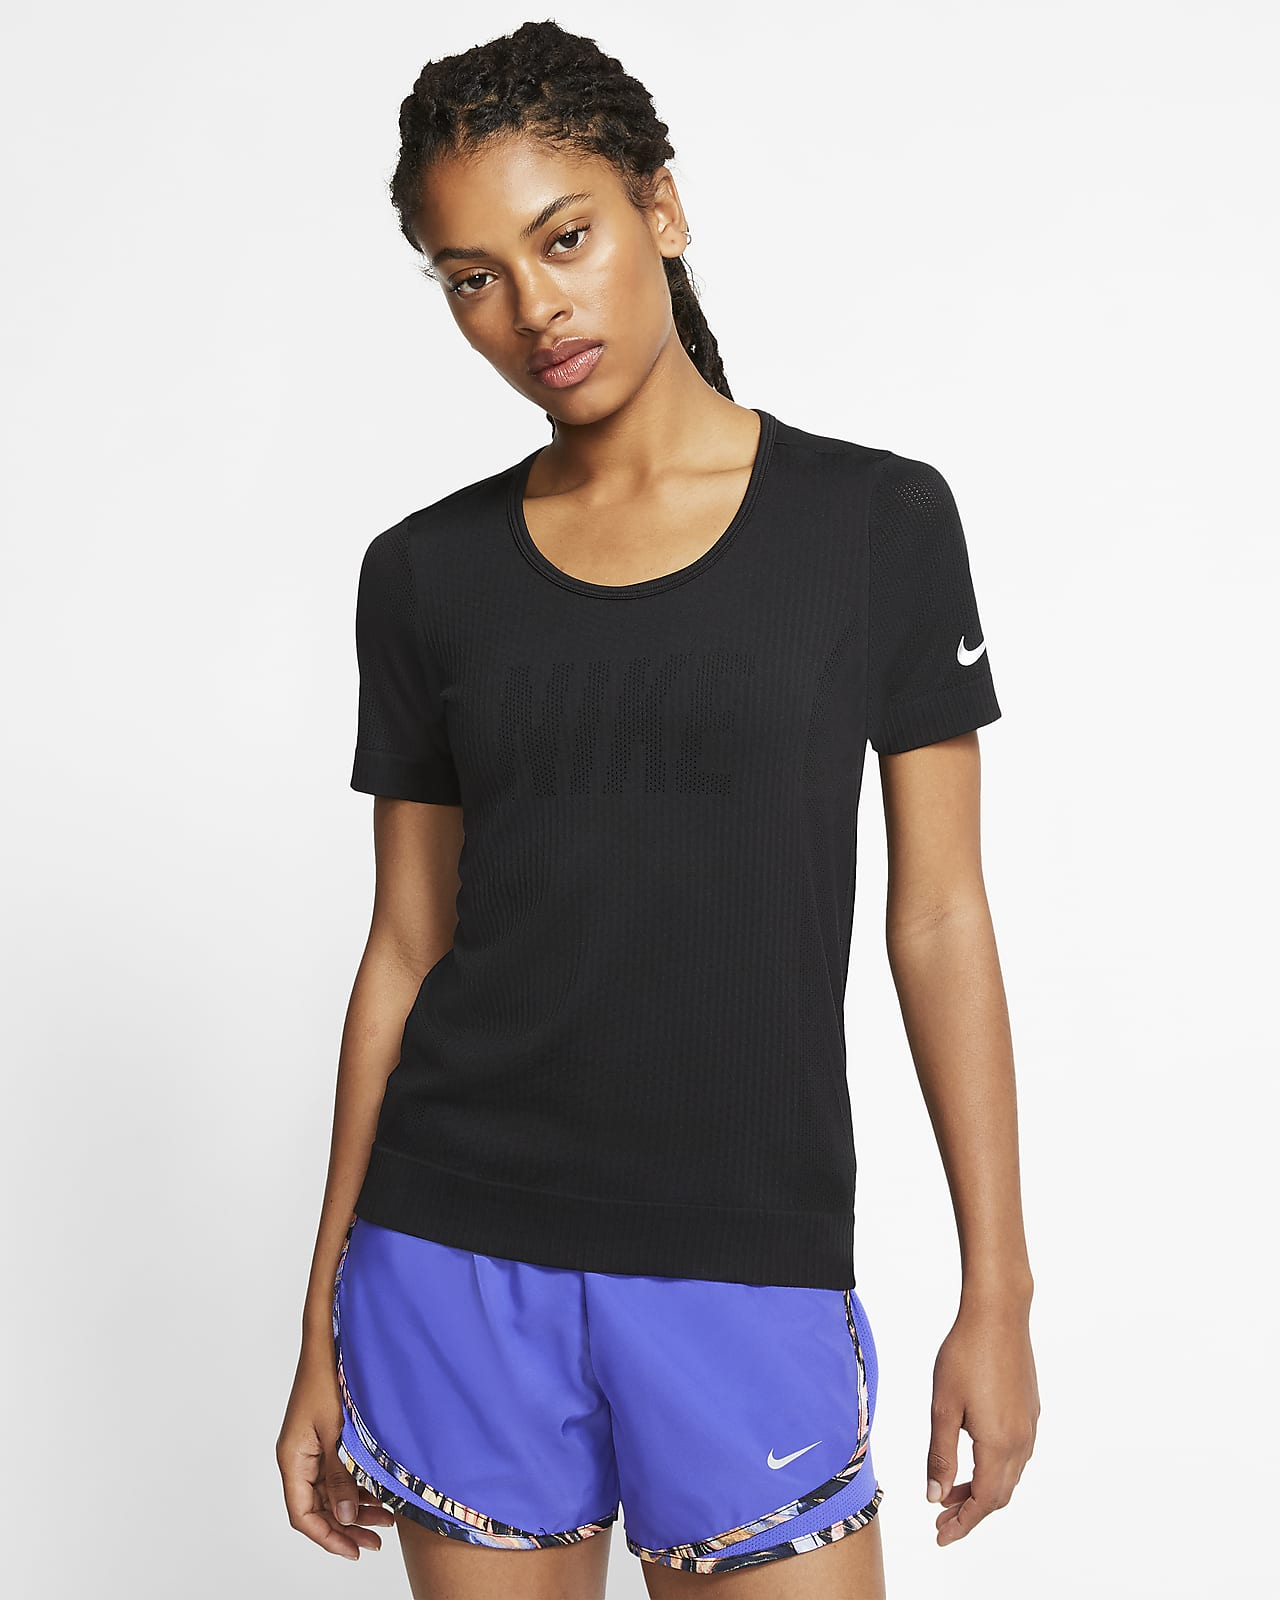 Nike Infinite Women's Running Top